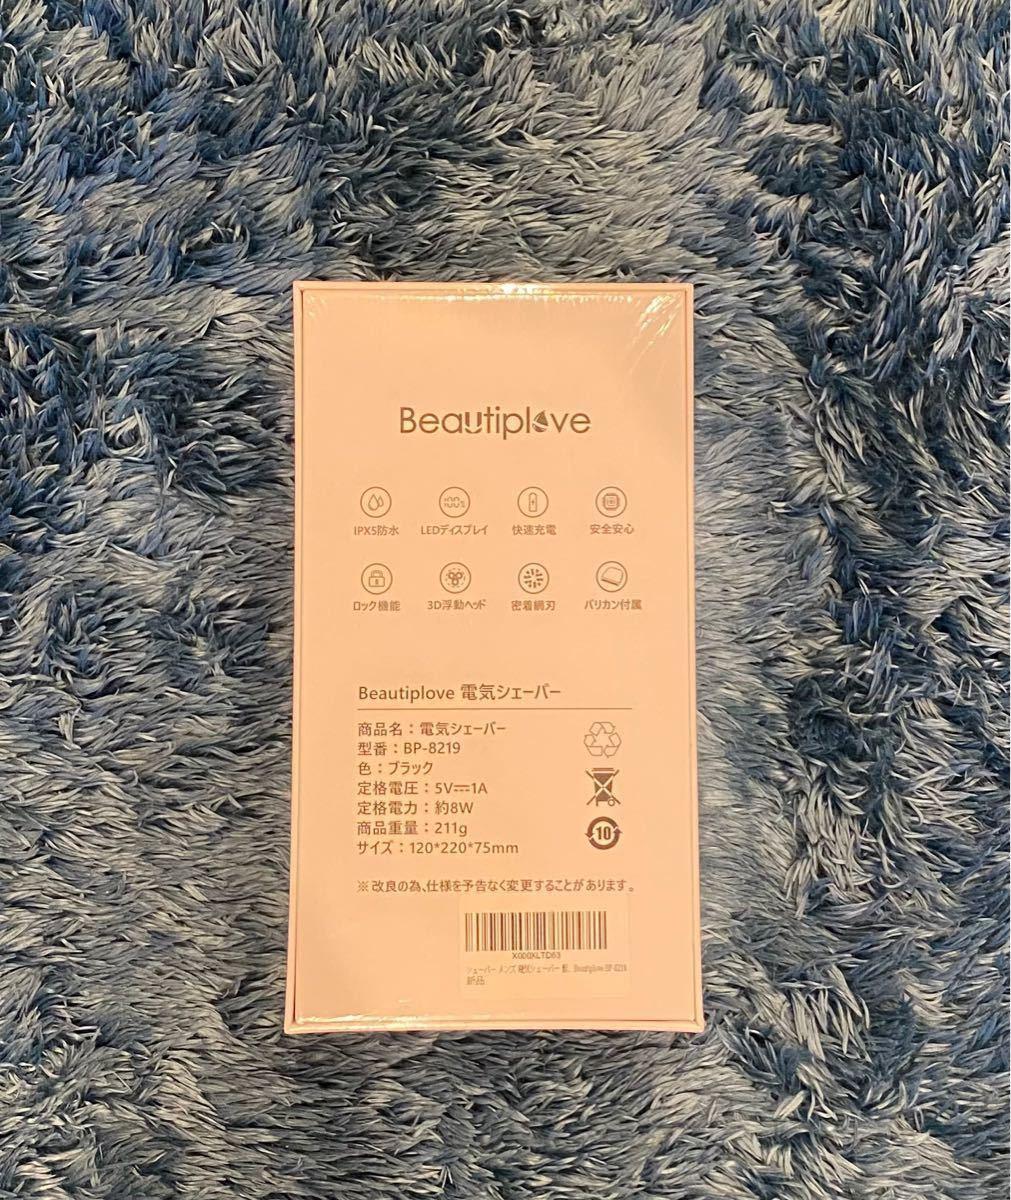 電気シェーバー バリカン 髭剃り Beautiplove BP-8219 USB充電式 防水